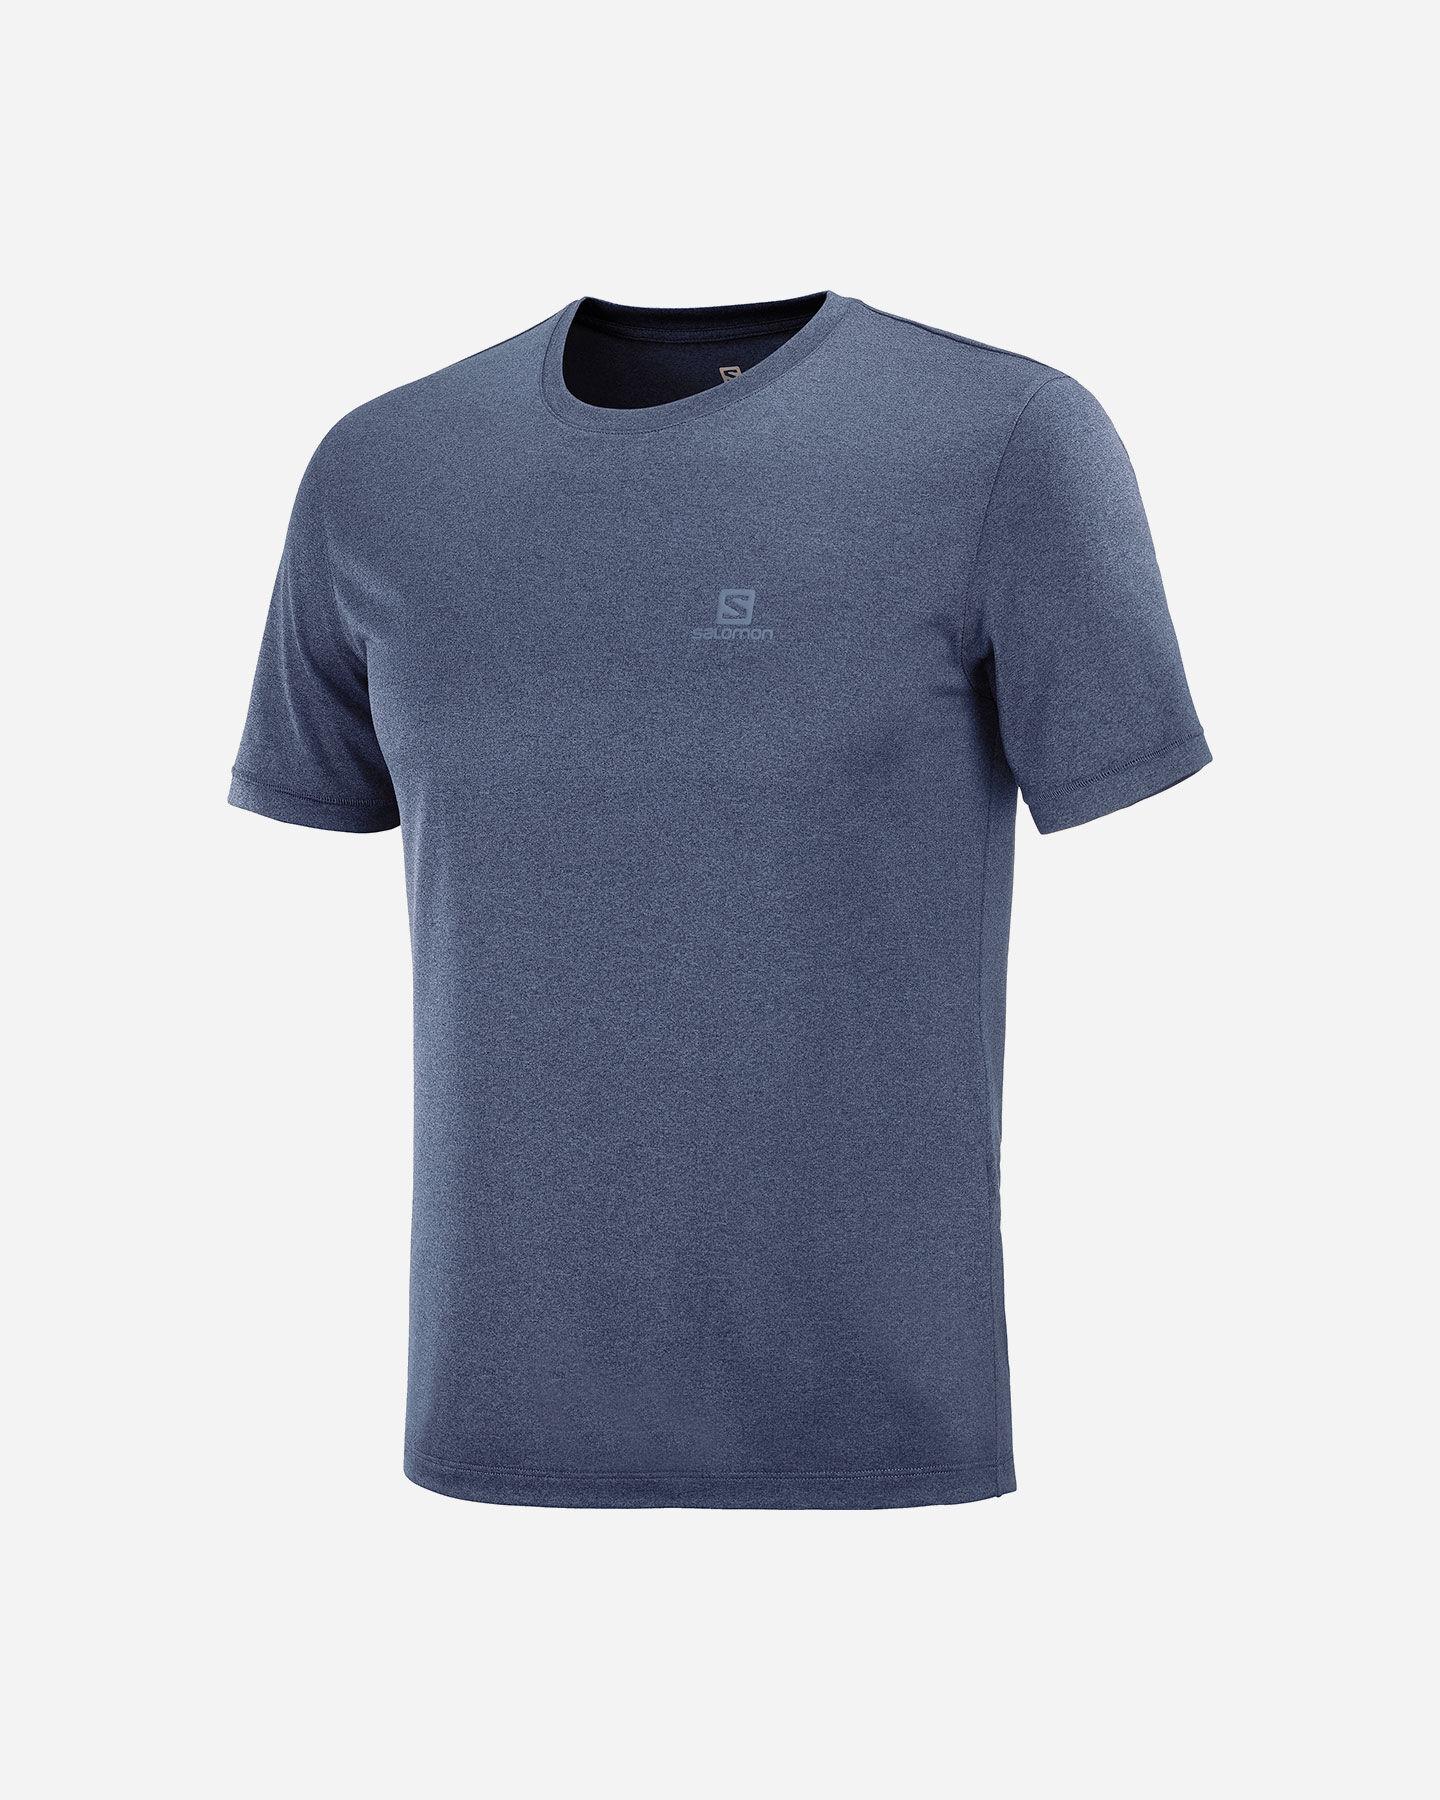 T-Shirt SALOMON EXPLORE M S5288514 scatto 0